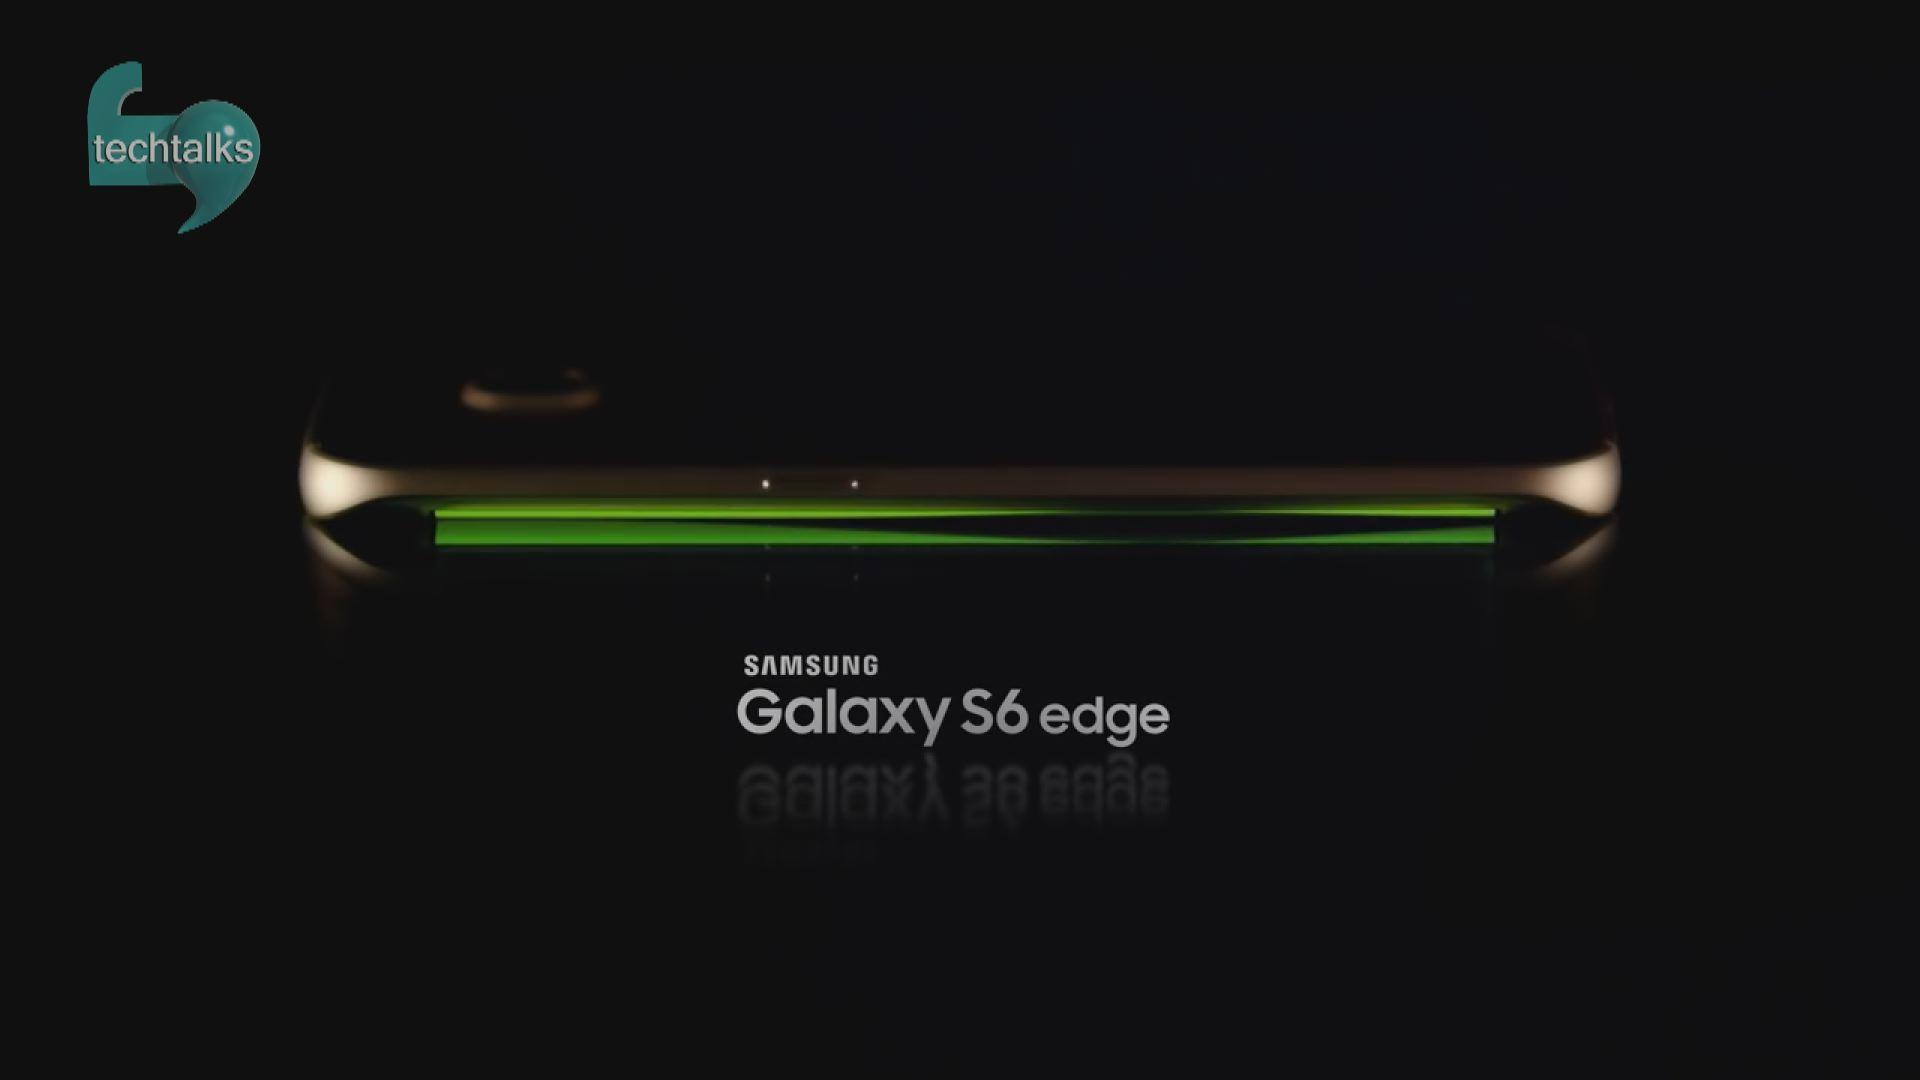 تک تاکس – Galaxy Note 5 و S6 Edge Plus سامسونگ سیزدهم آگوست معرفی می شوند – Techtalks.ir